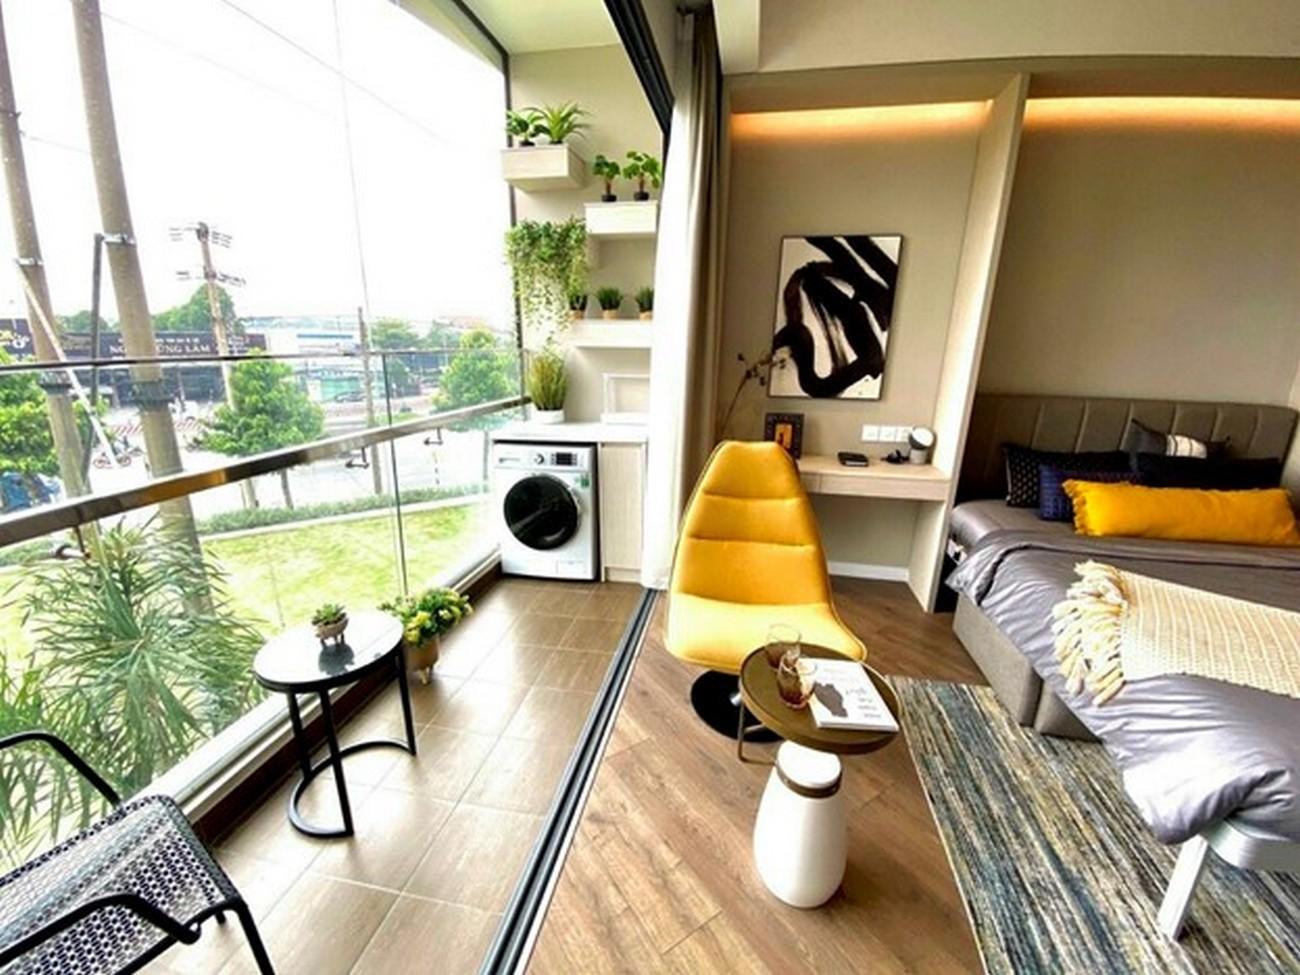 Nhà mẫu dự án căn hộ Lavita Hưng Thịnh Thuận An Bình Dương